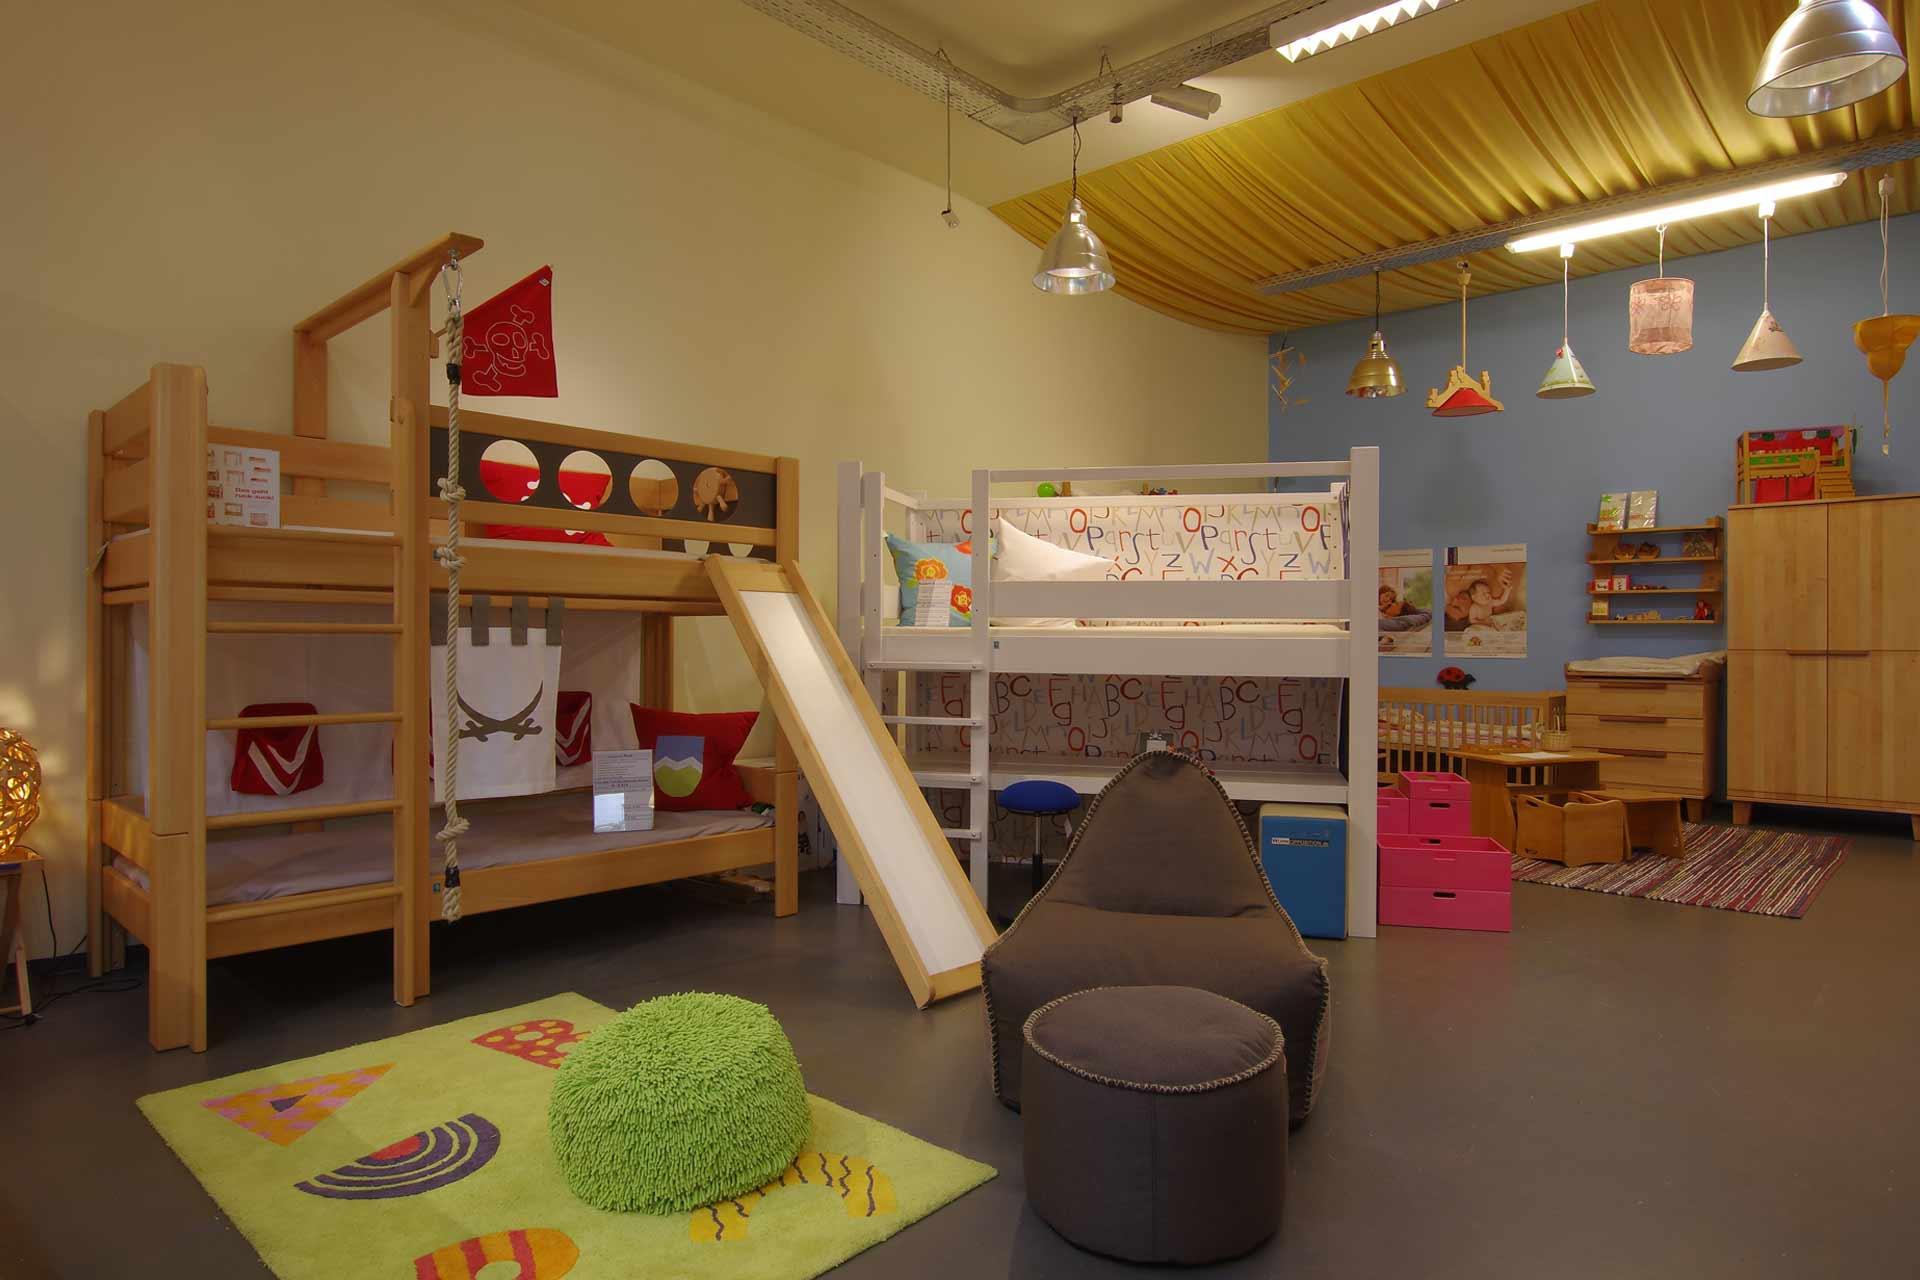 Kinderzimmerausstellung